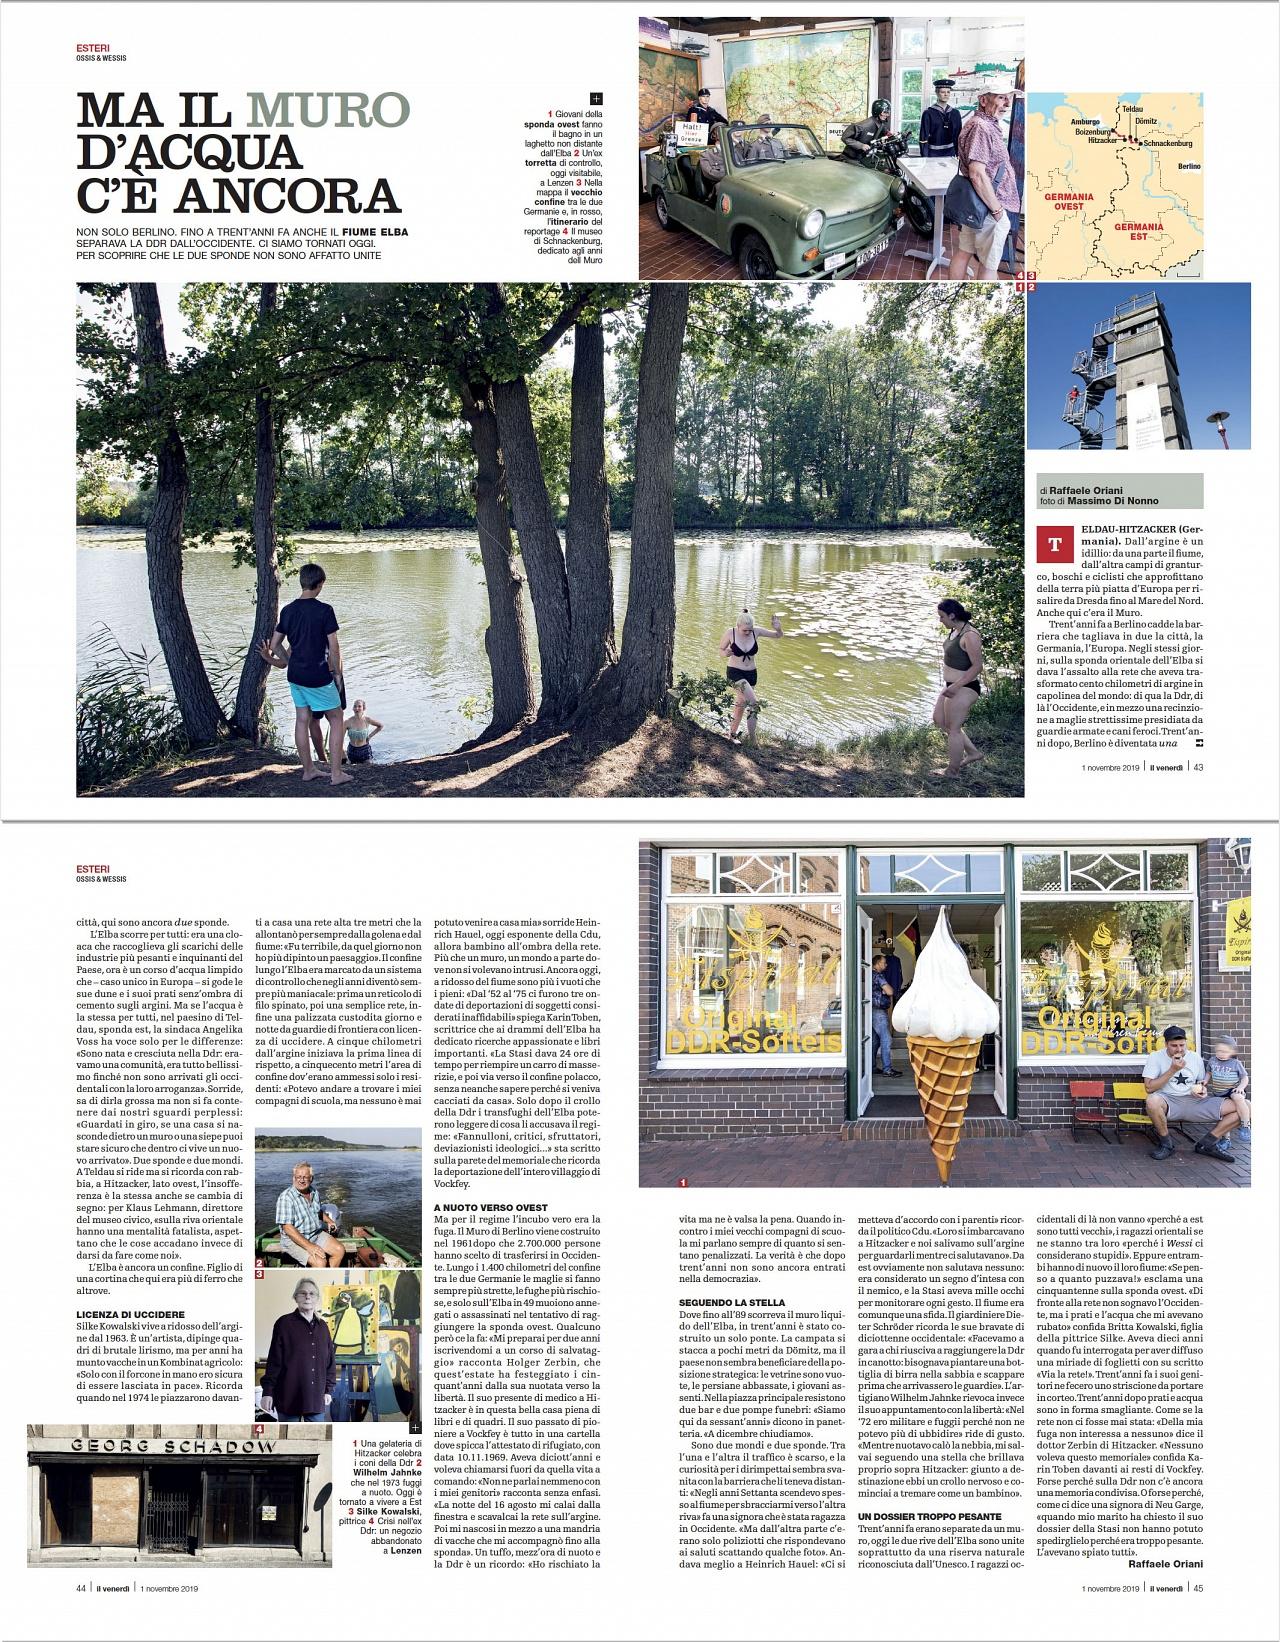 Ma il muro d'acqua c'è ancora - On Il Venerdì weekly magazine of La Repubblica (2019)